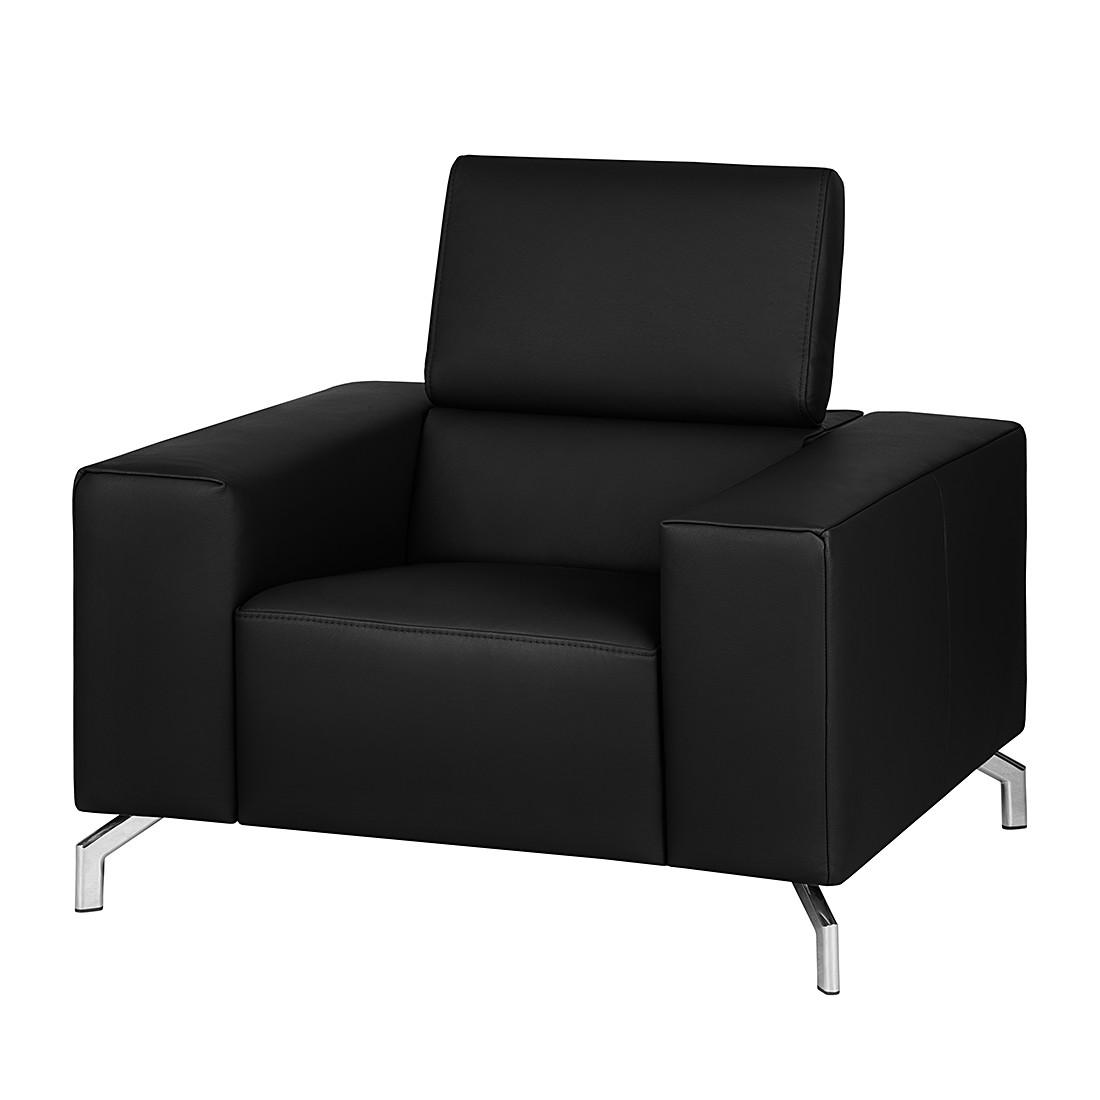 Fauteuil Varberg XXL - Cuir véritable noir, loftscape